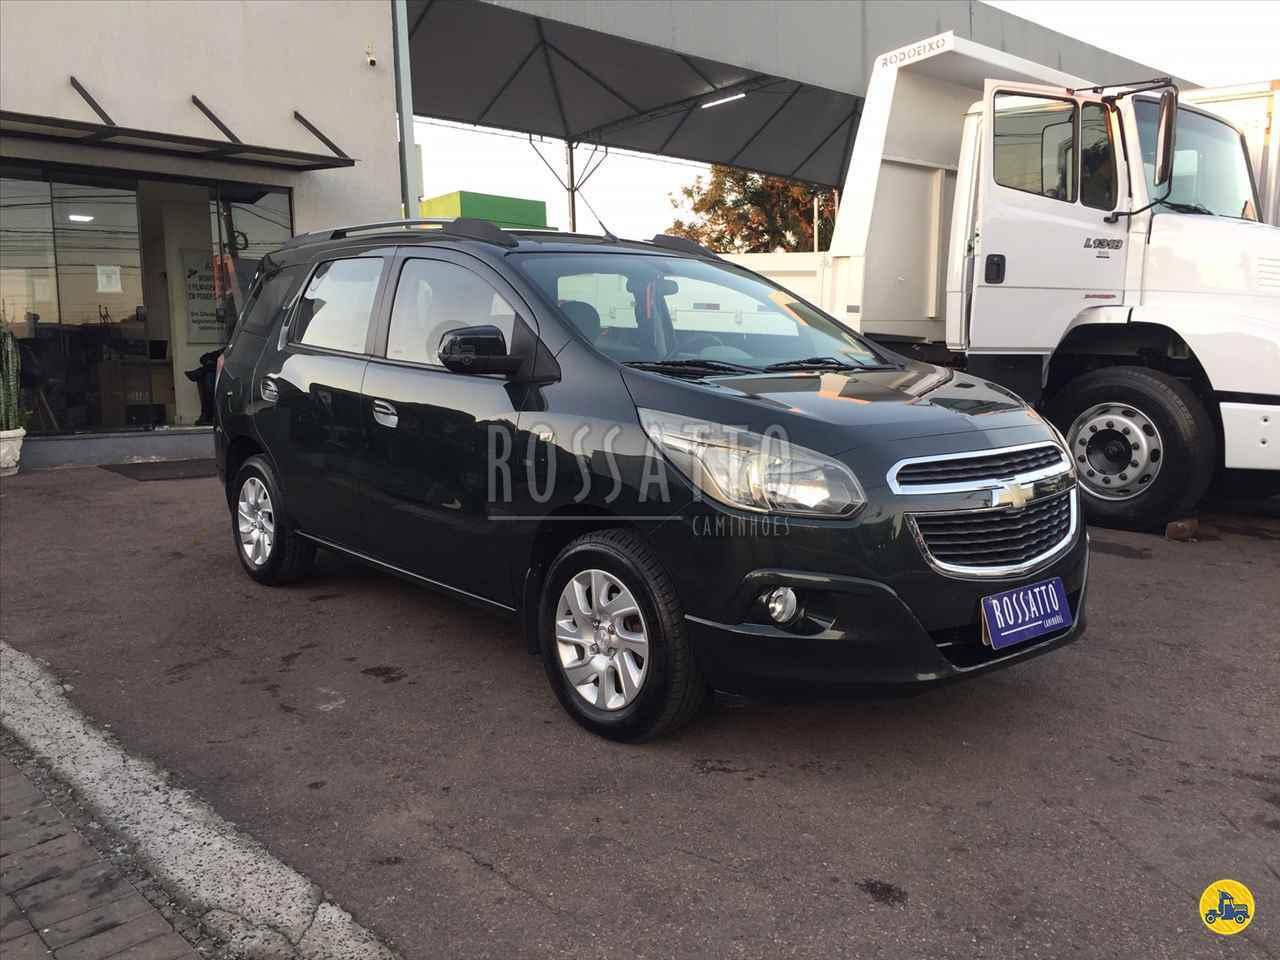 CARRO GM - Chevrolet Spin 1.8 LTZ Rossatto Caminhões PORTO ALEGRE RIO GRANDE DO SUL RS